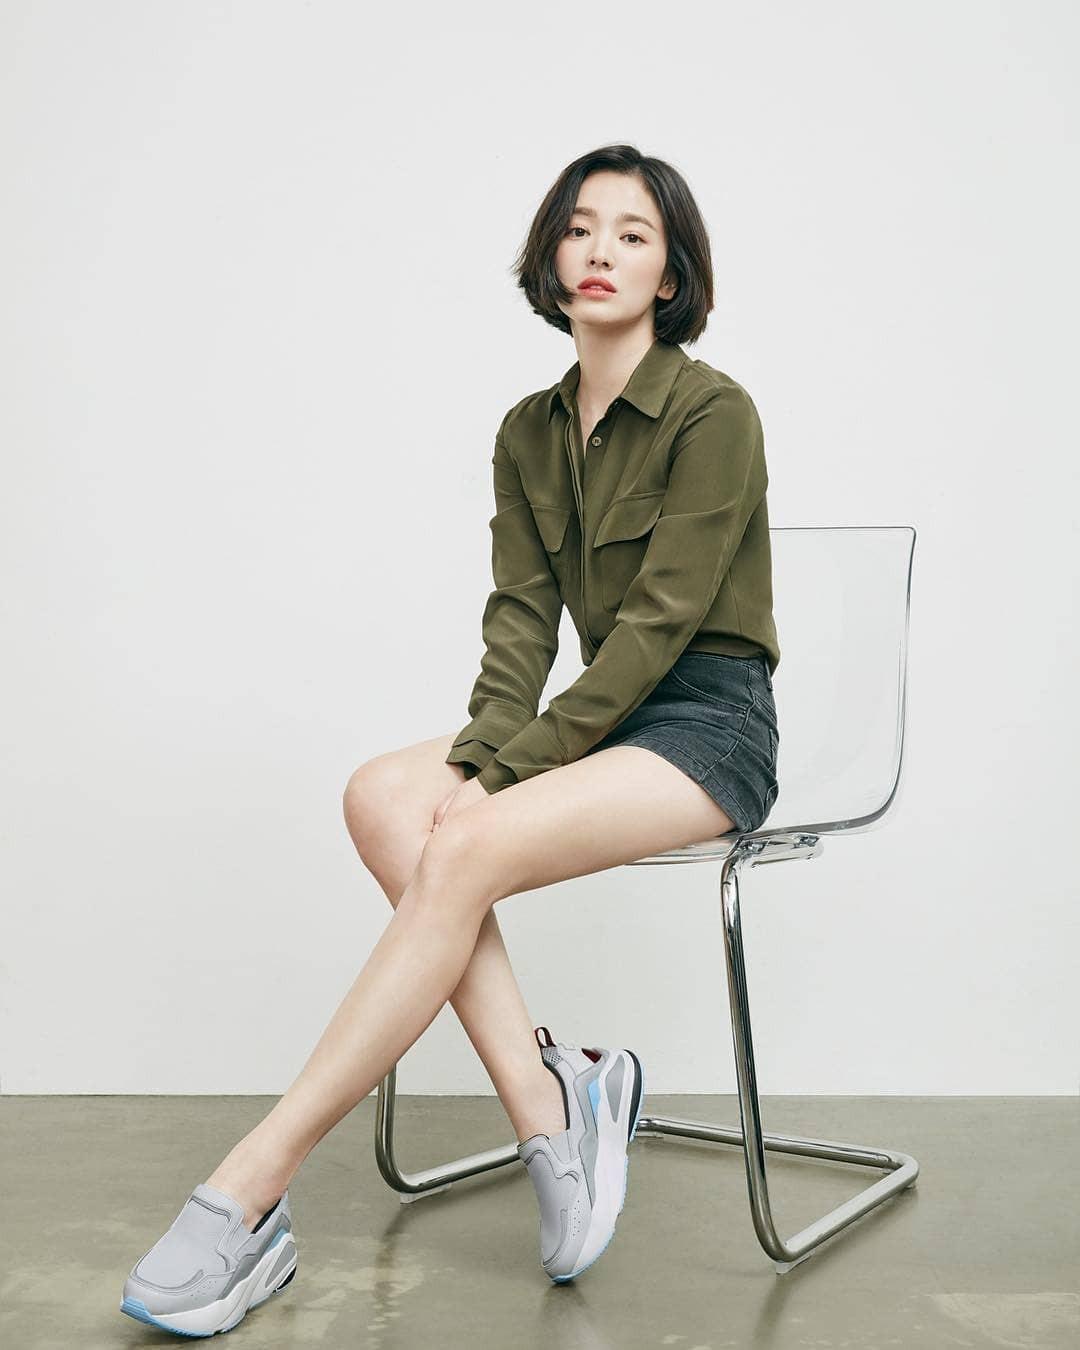 Tìm kiếm cho mình một kiểu tóc ngắn hack tuổi, bạn không thể bỏ qua 5 gợi ý từ các mỹ nhân xứ Hàn 3